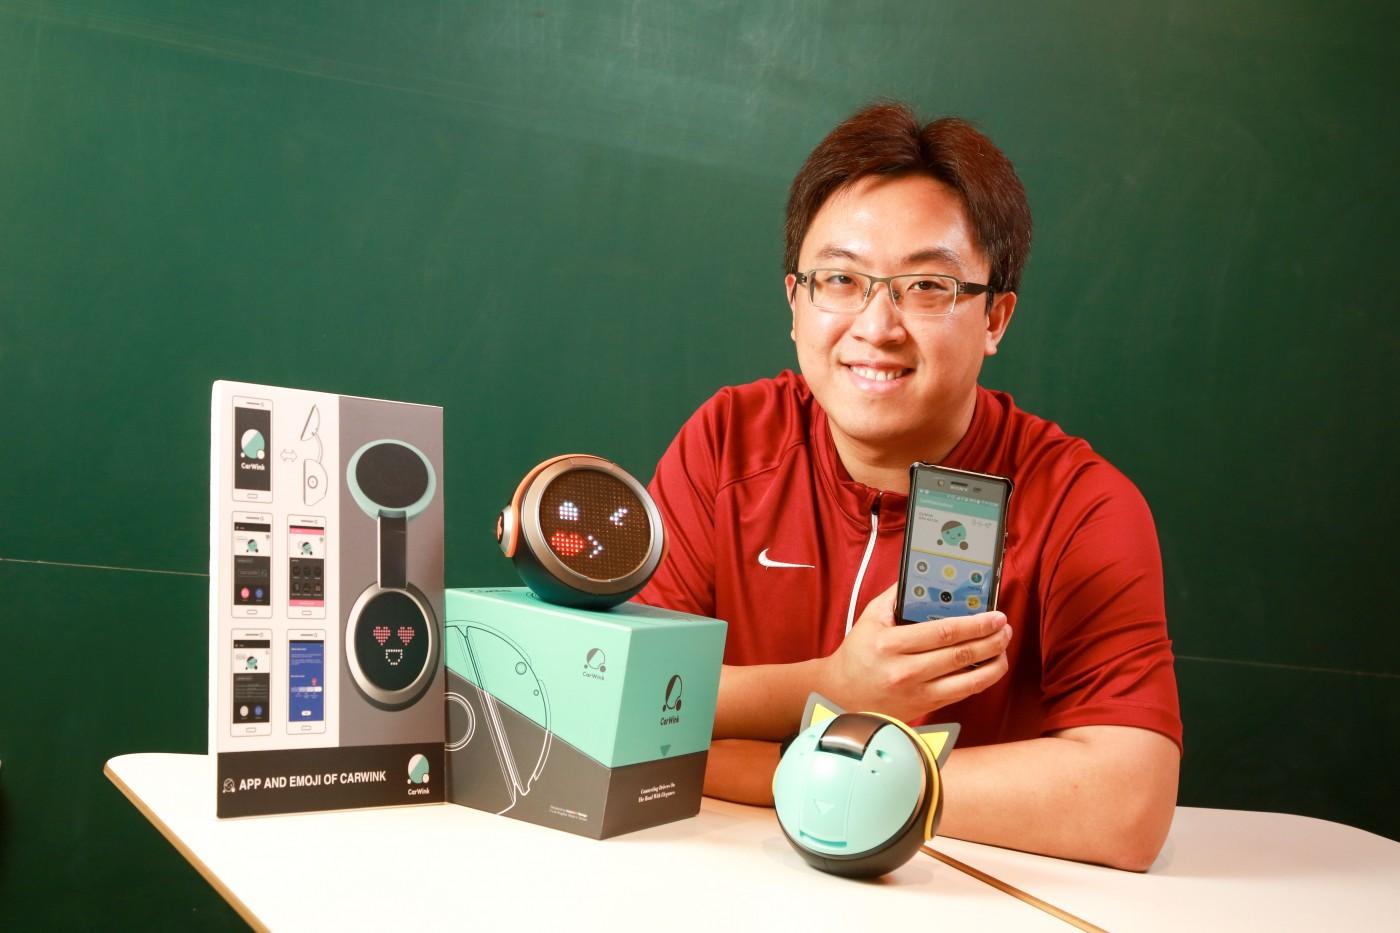 別用喇叭打招呼!Kickstarter 募資成功,來自台灣的 CarWink 要讓汽車也能表達喜怒哀樂